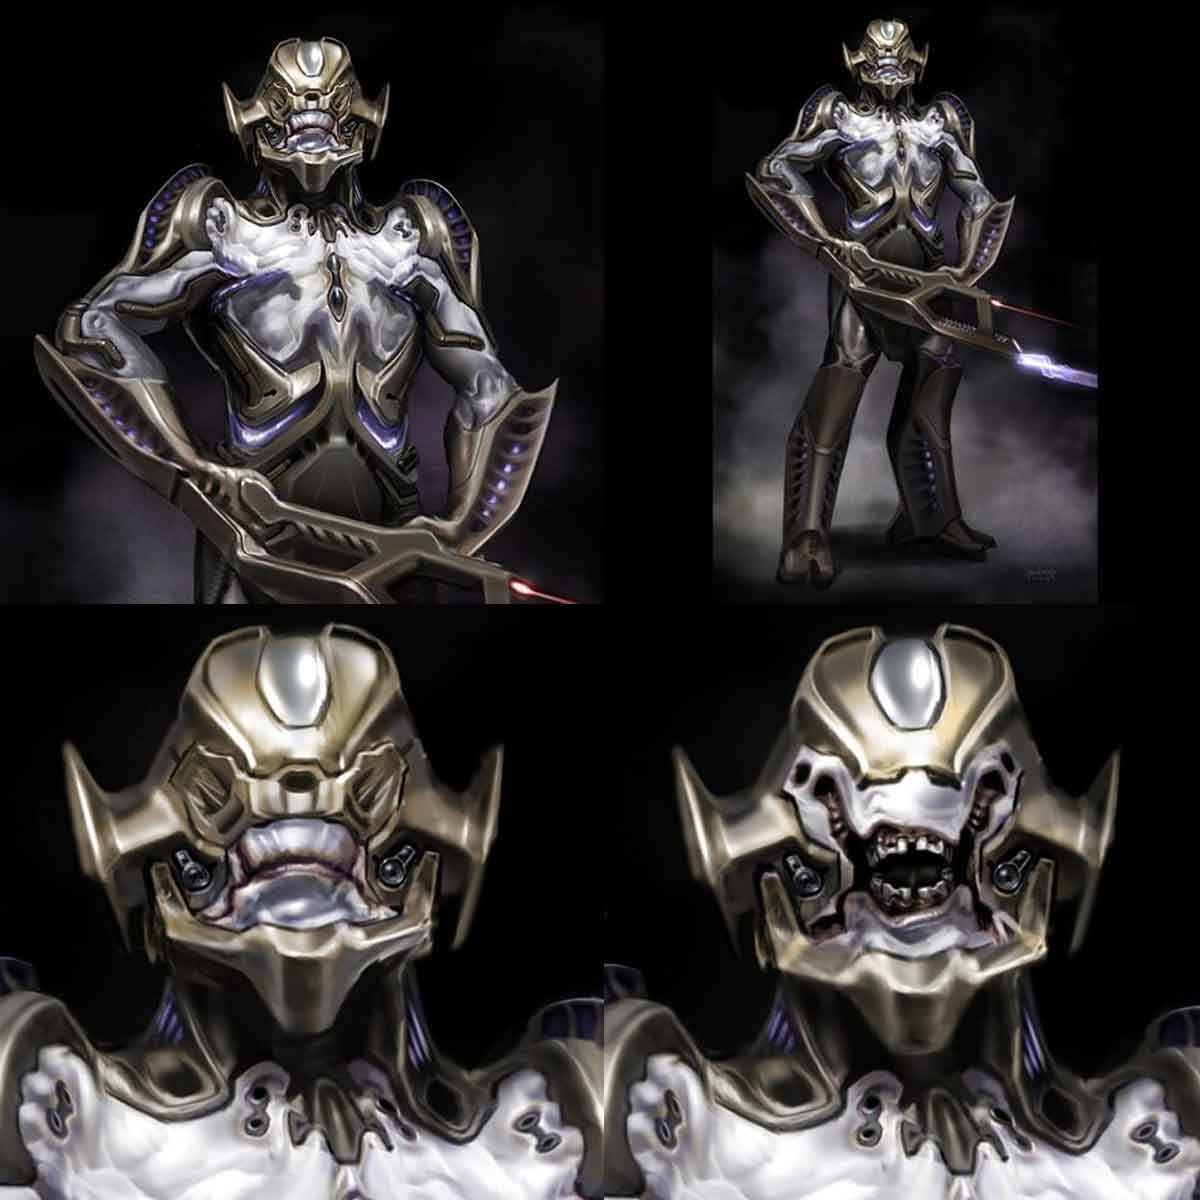 Diseño alternativo de los Chitauri de la película Los Vengadores (2012)